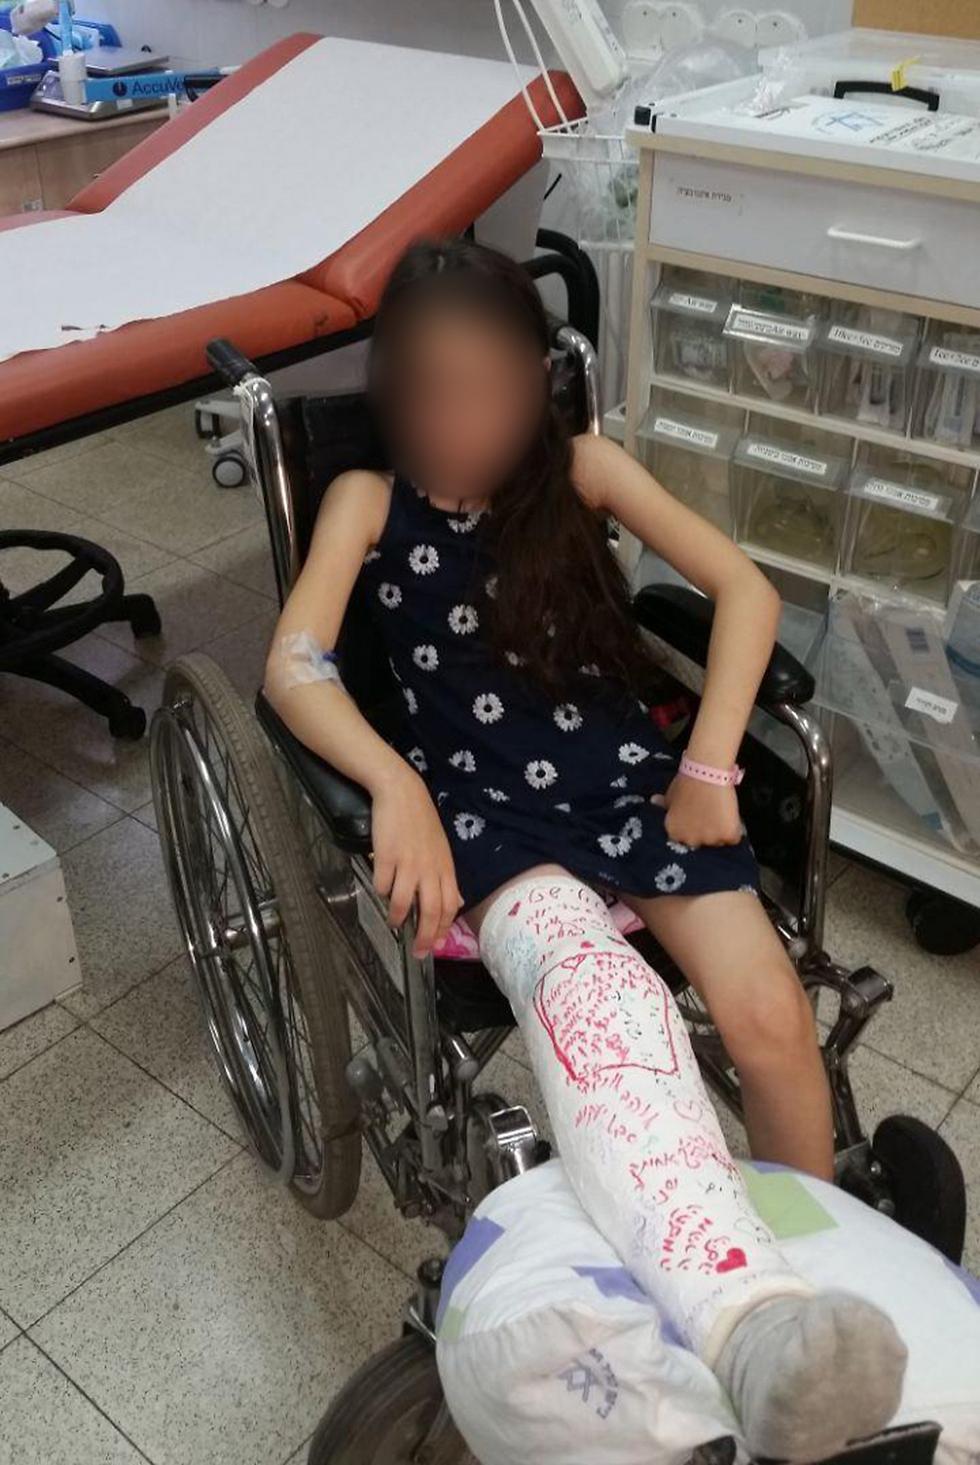 הילה שטרלינג, שנפצעה מרוכב אופניים. ברך שבורה וגיד קרוע  ()